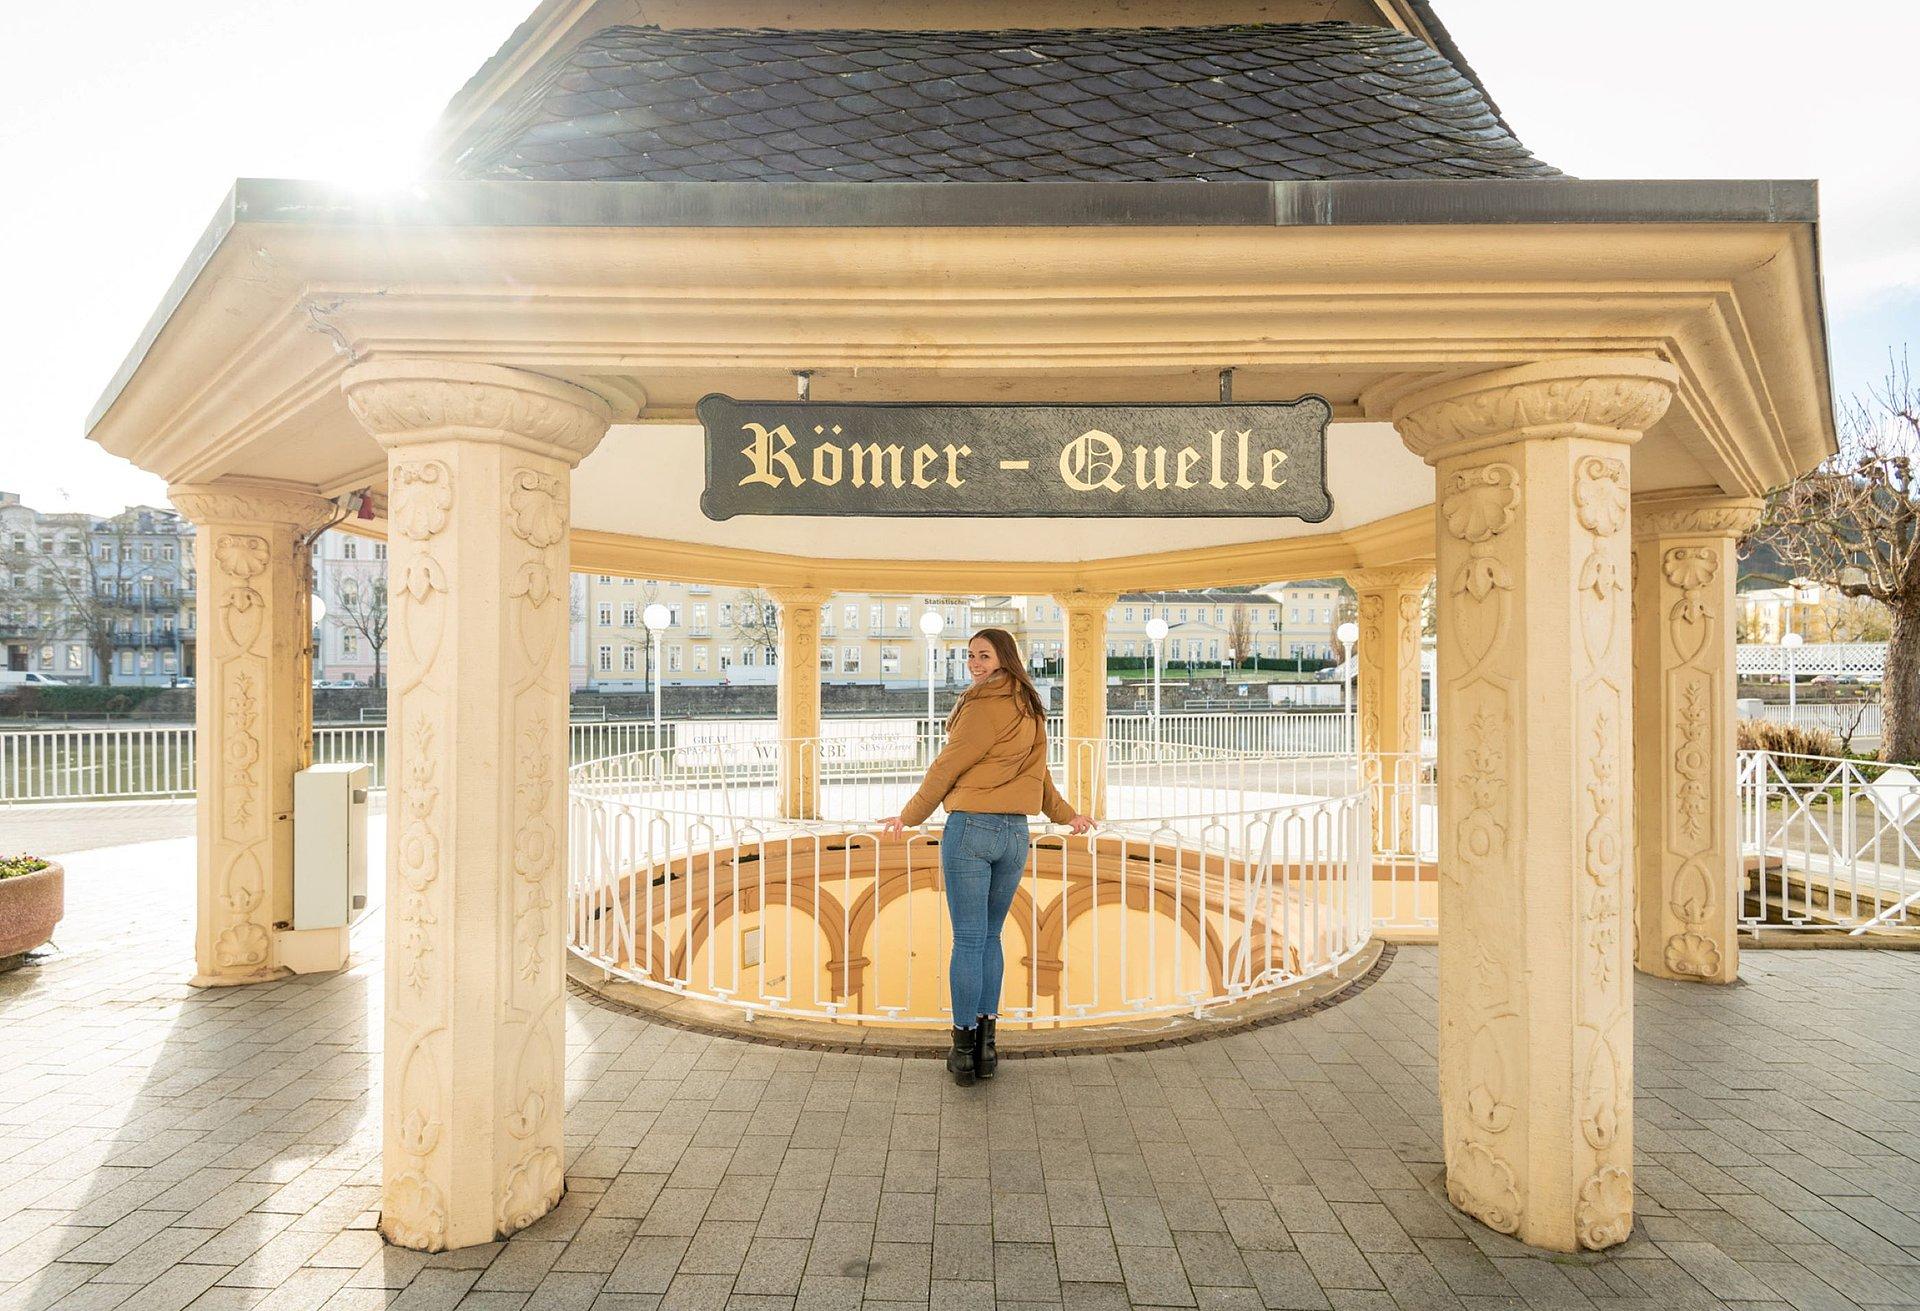 De Römerquelle in het historische kuurgebied in Bad Ems, Lahndal